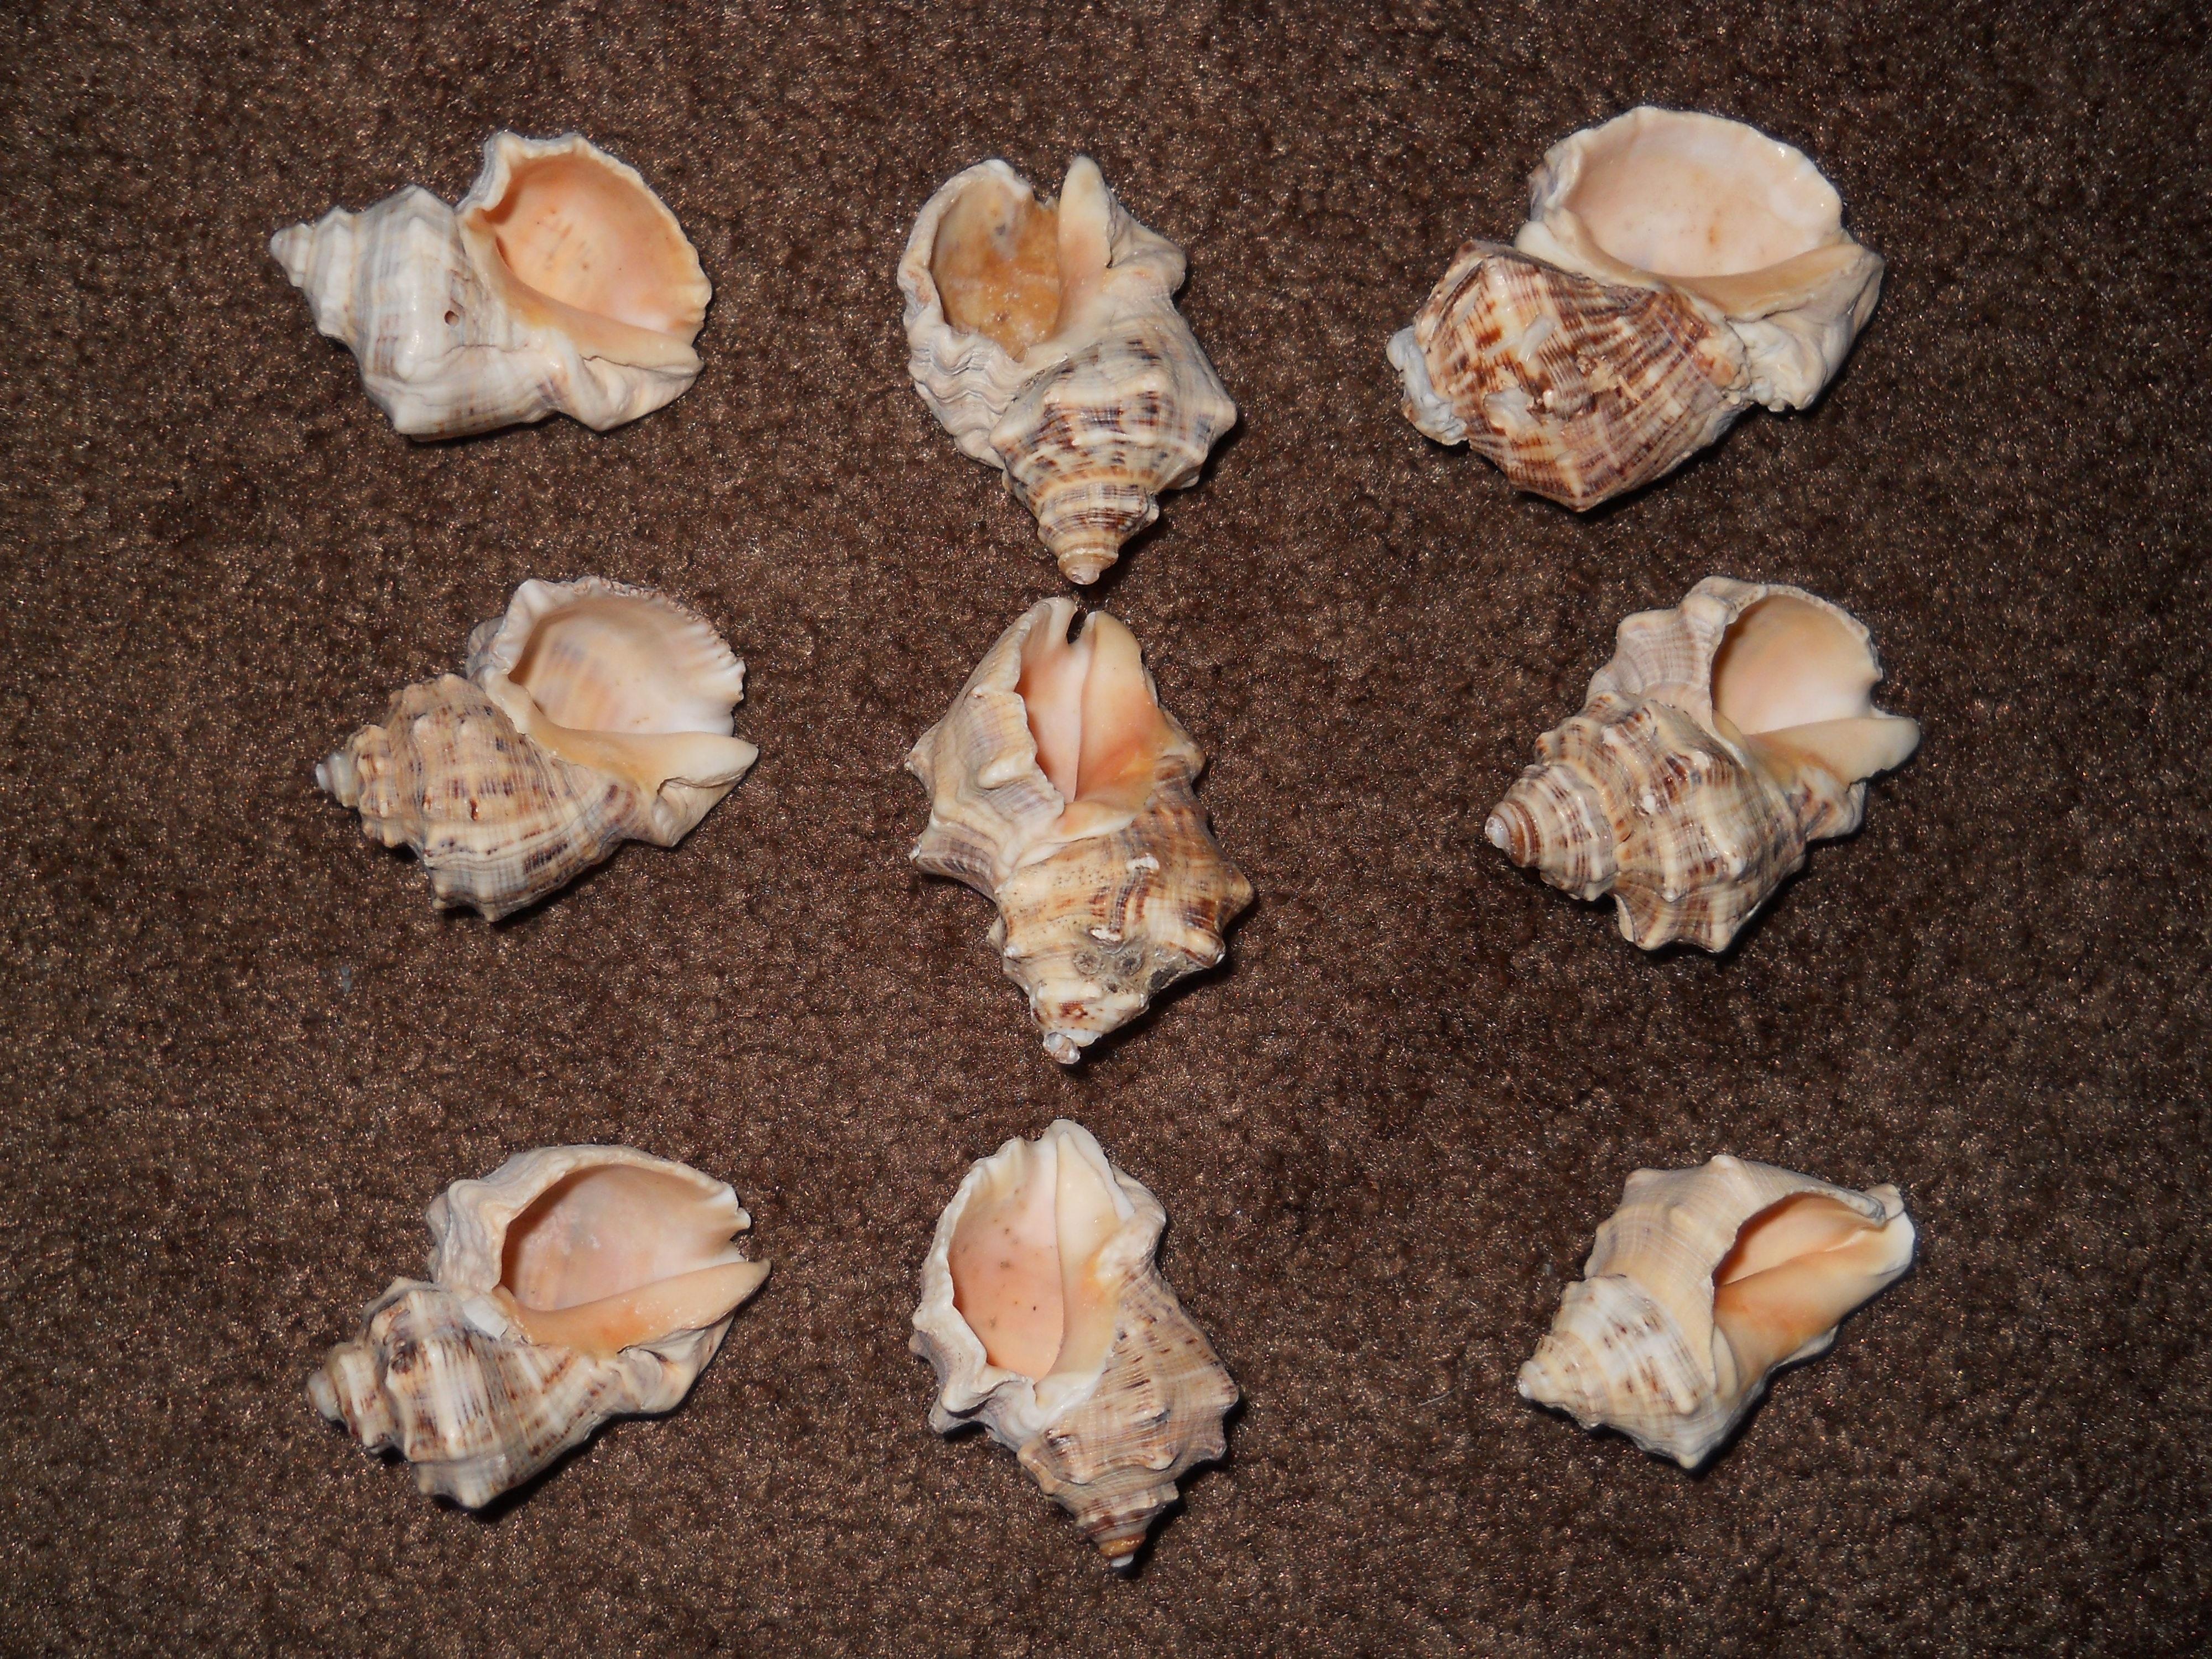 Gambar Daun Bunga Makanan Bahan Invertebrata Kerang Laut